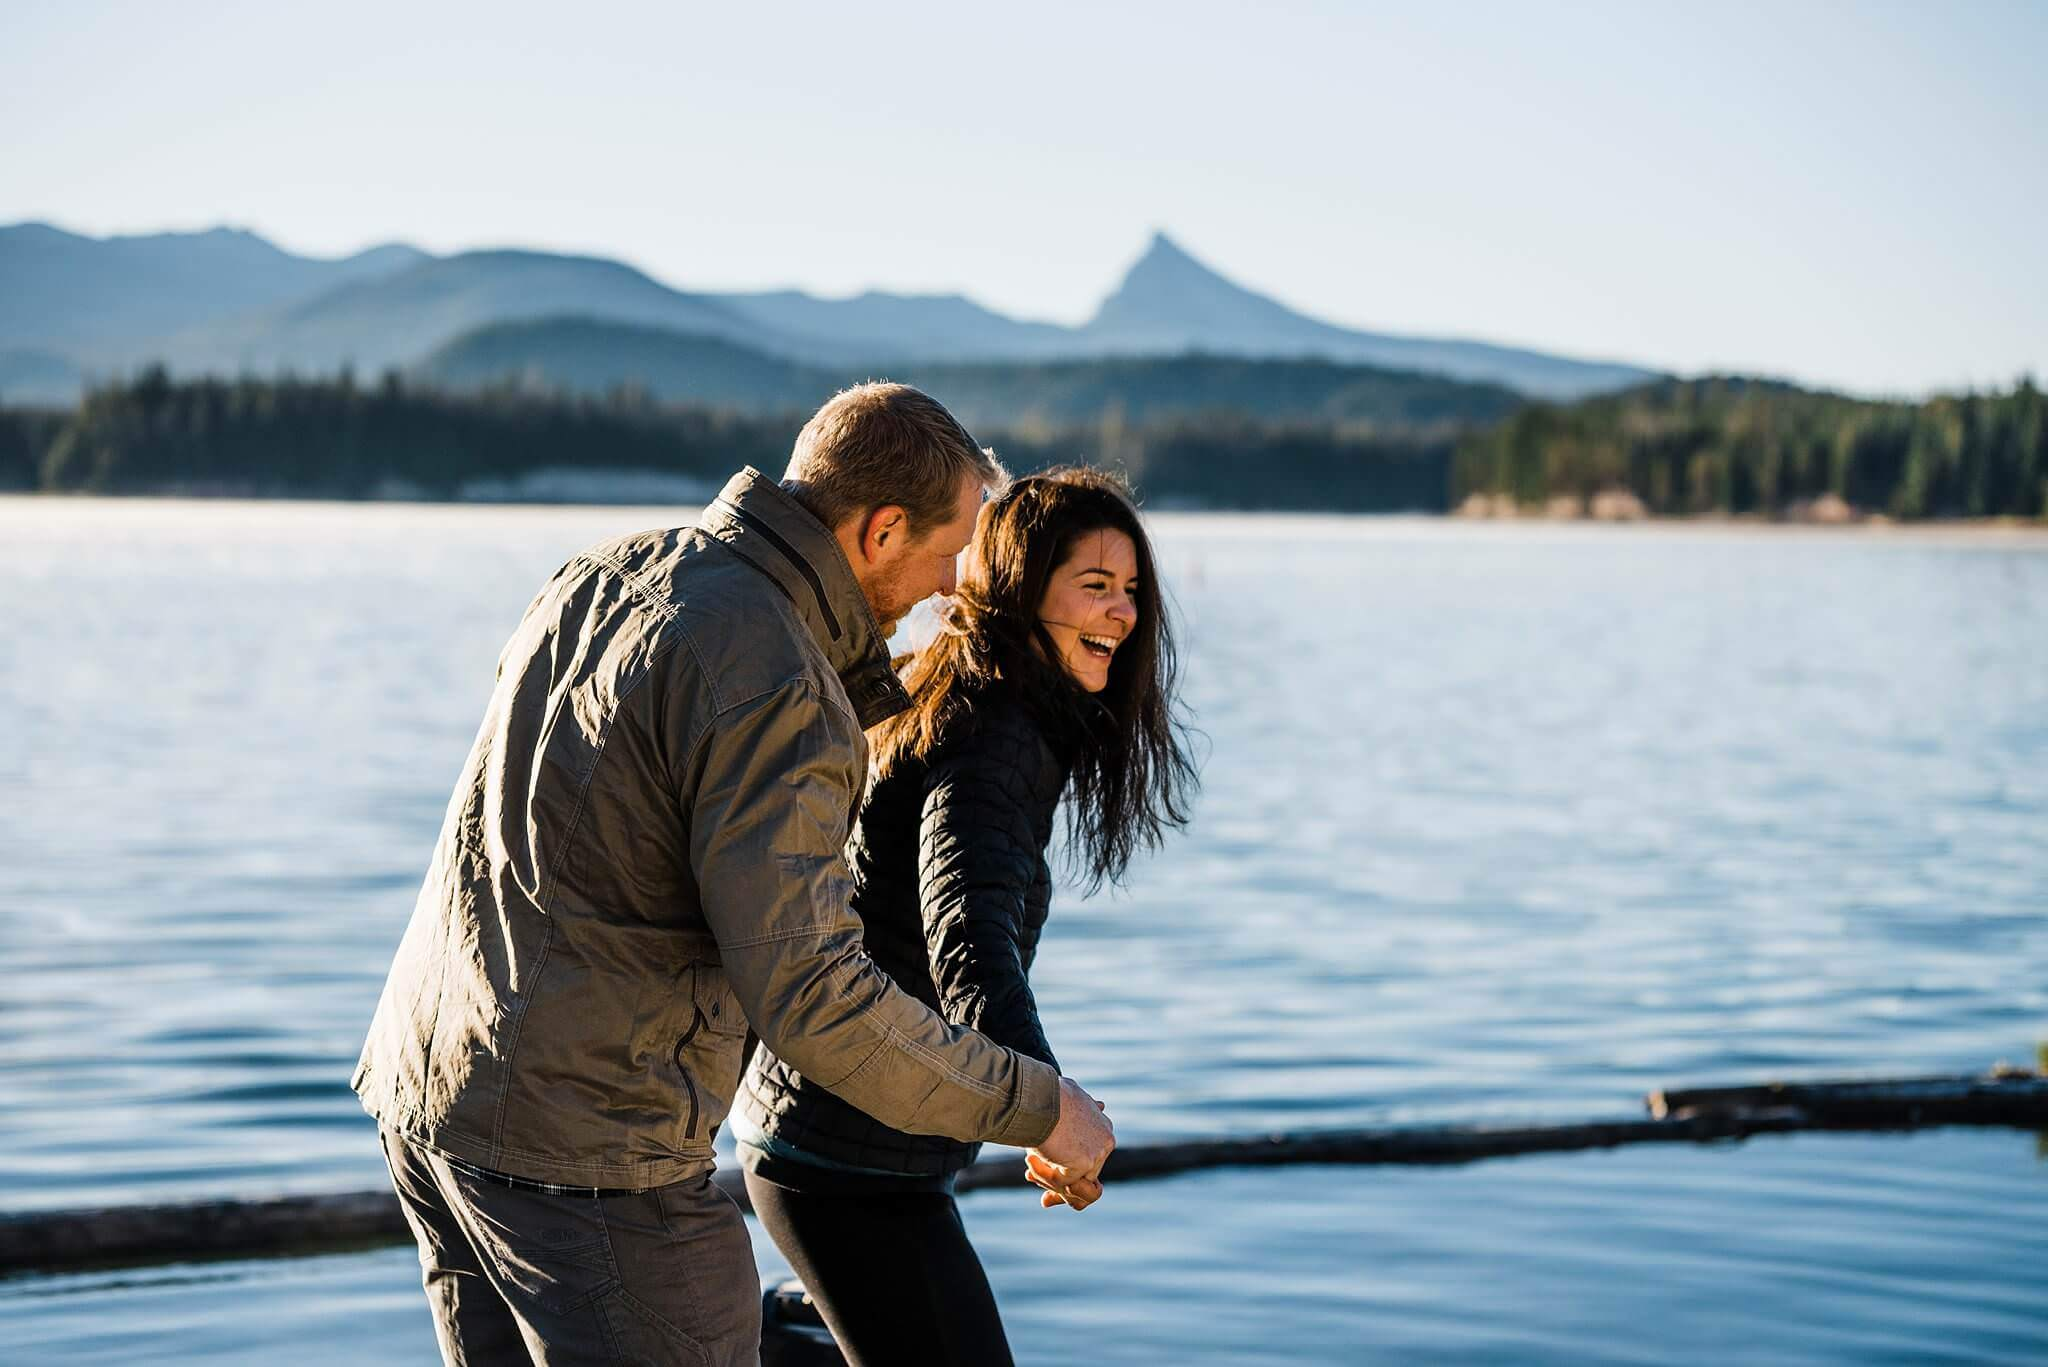 Canoe-Lake-Adventure-Engagement-Session-Oregon-Lemolo-S-Photography_0002.jpg